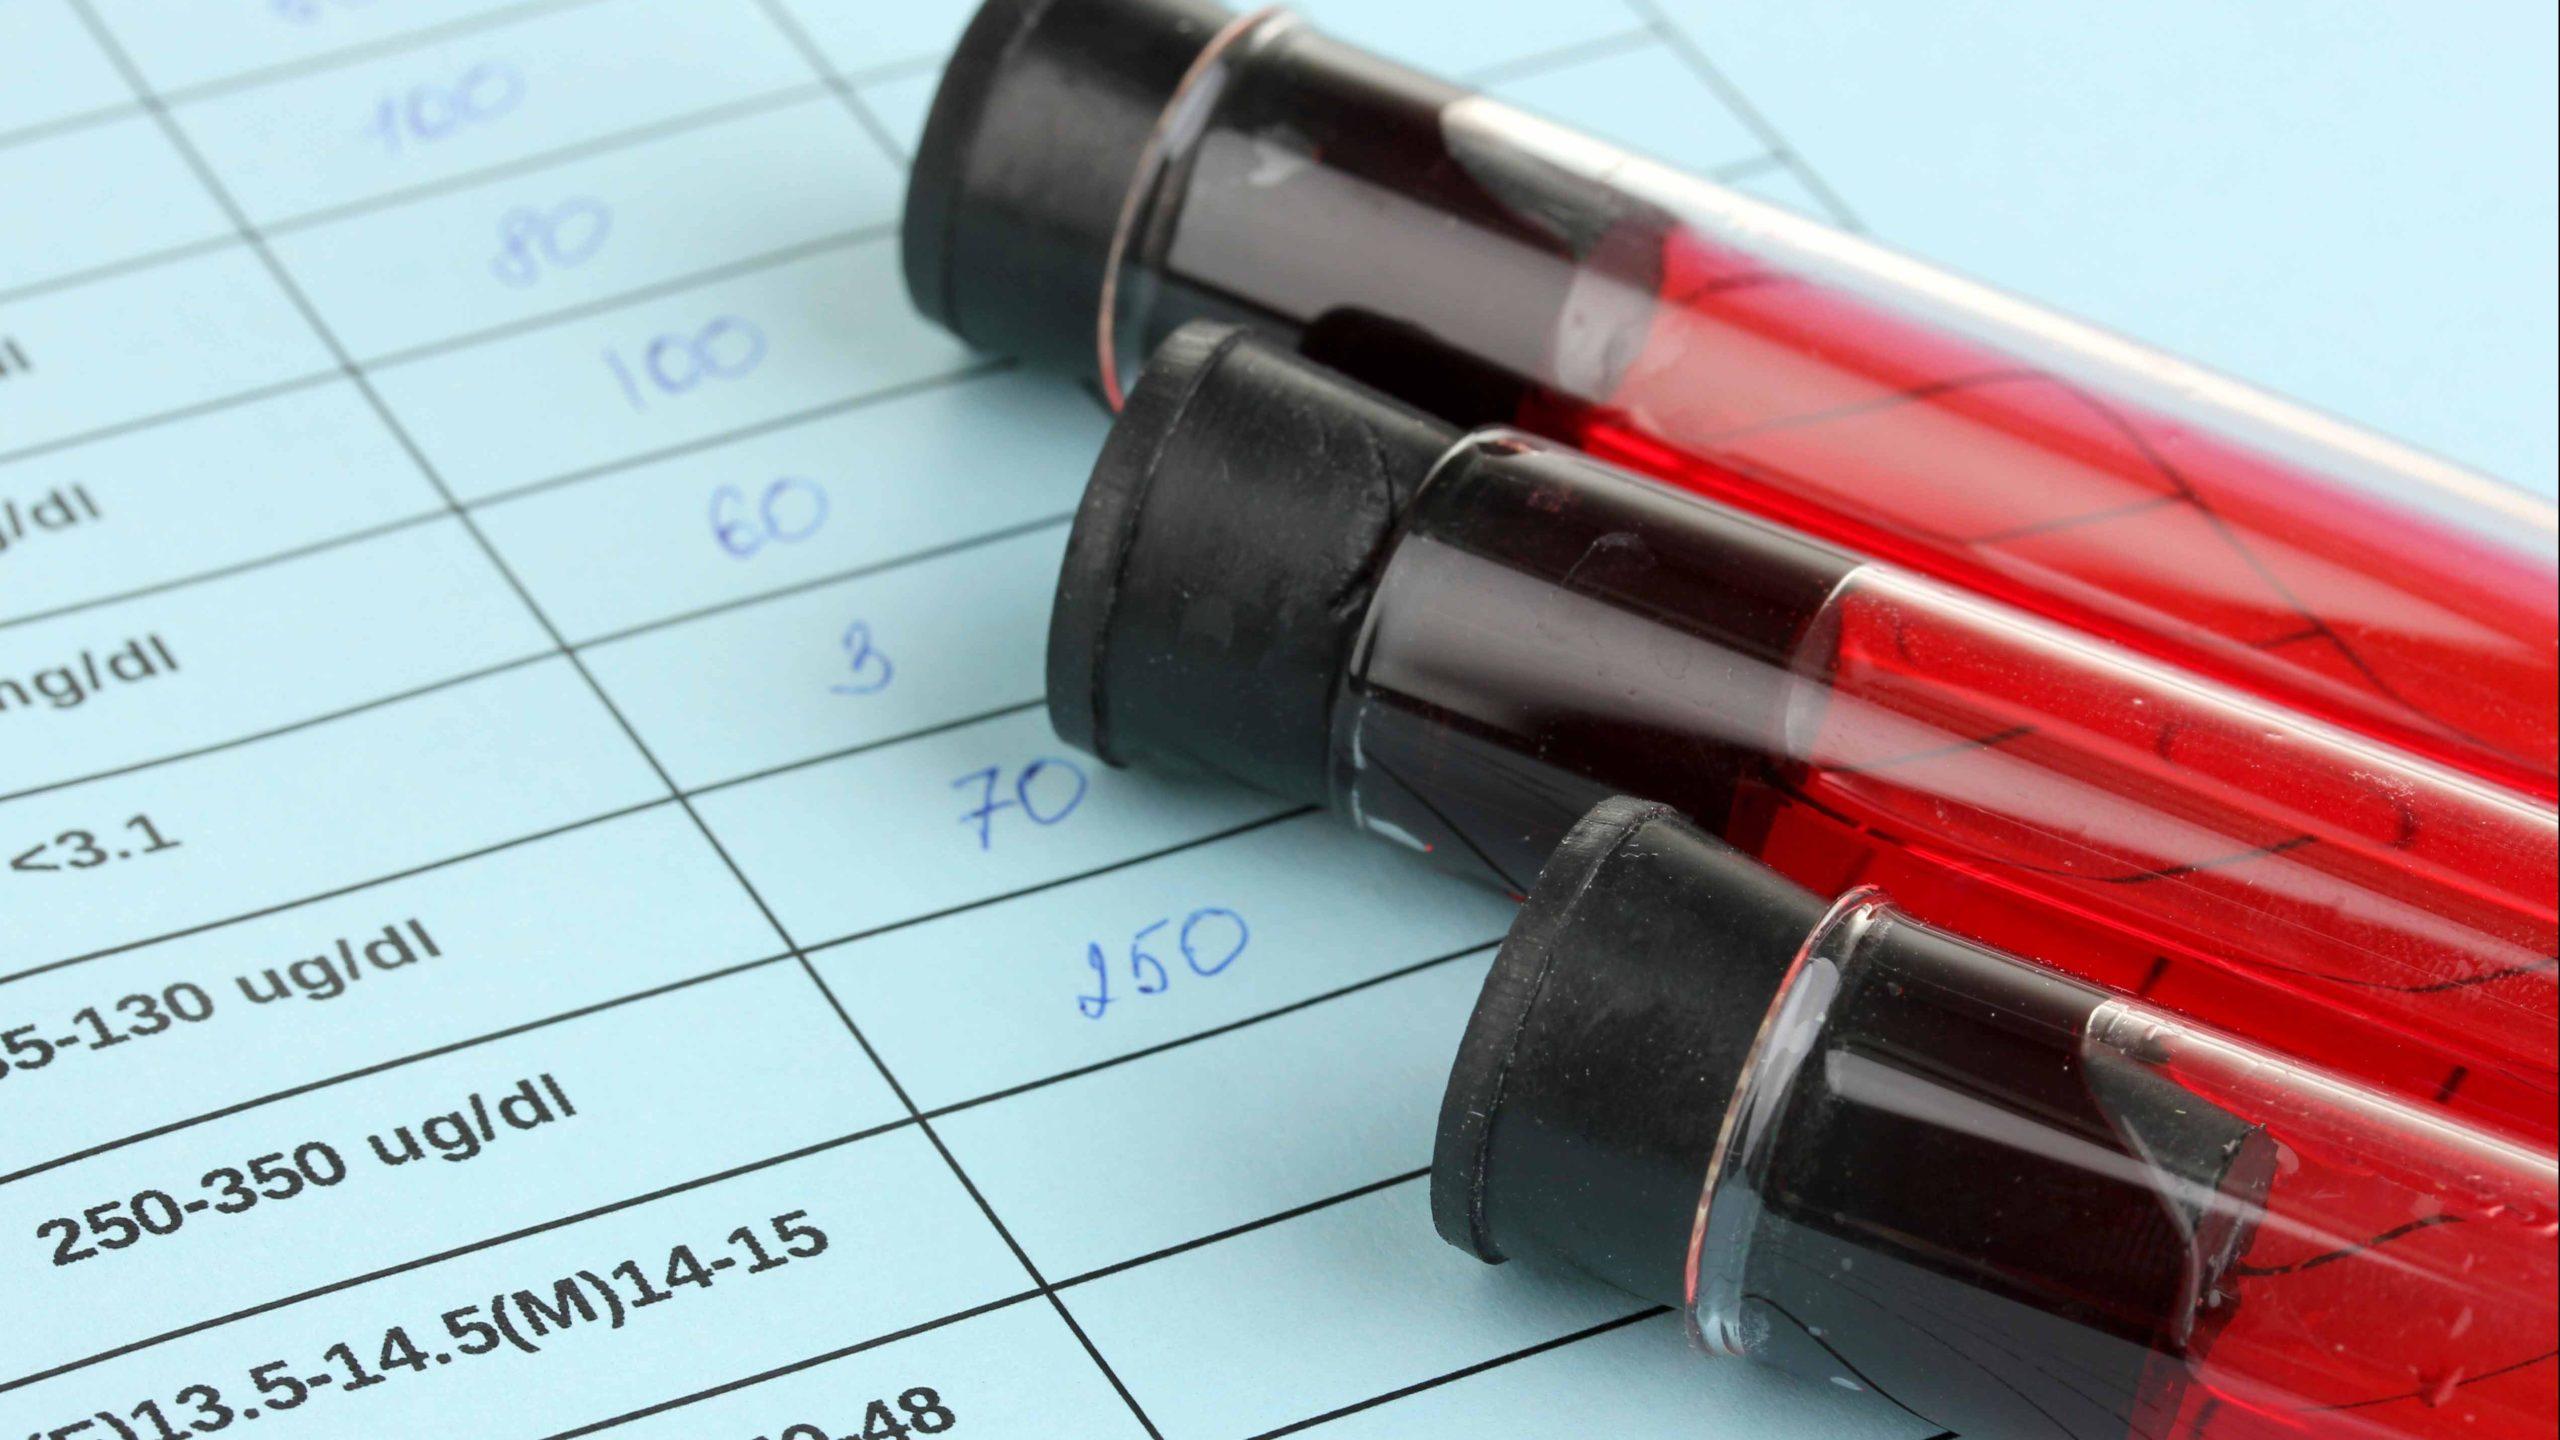 قد تكون مميعات الدم خيارًا أفضل من الوارفارين لمرضى الرجفان الأذيني - أدوية لعلاج مرضى الرجفان الأذيني - مضادات التخثر الفموية